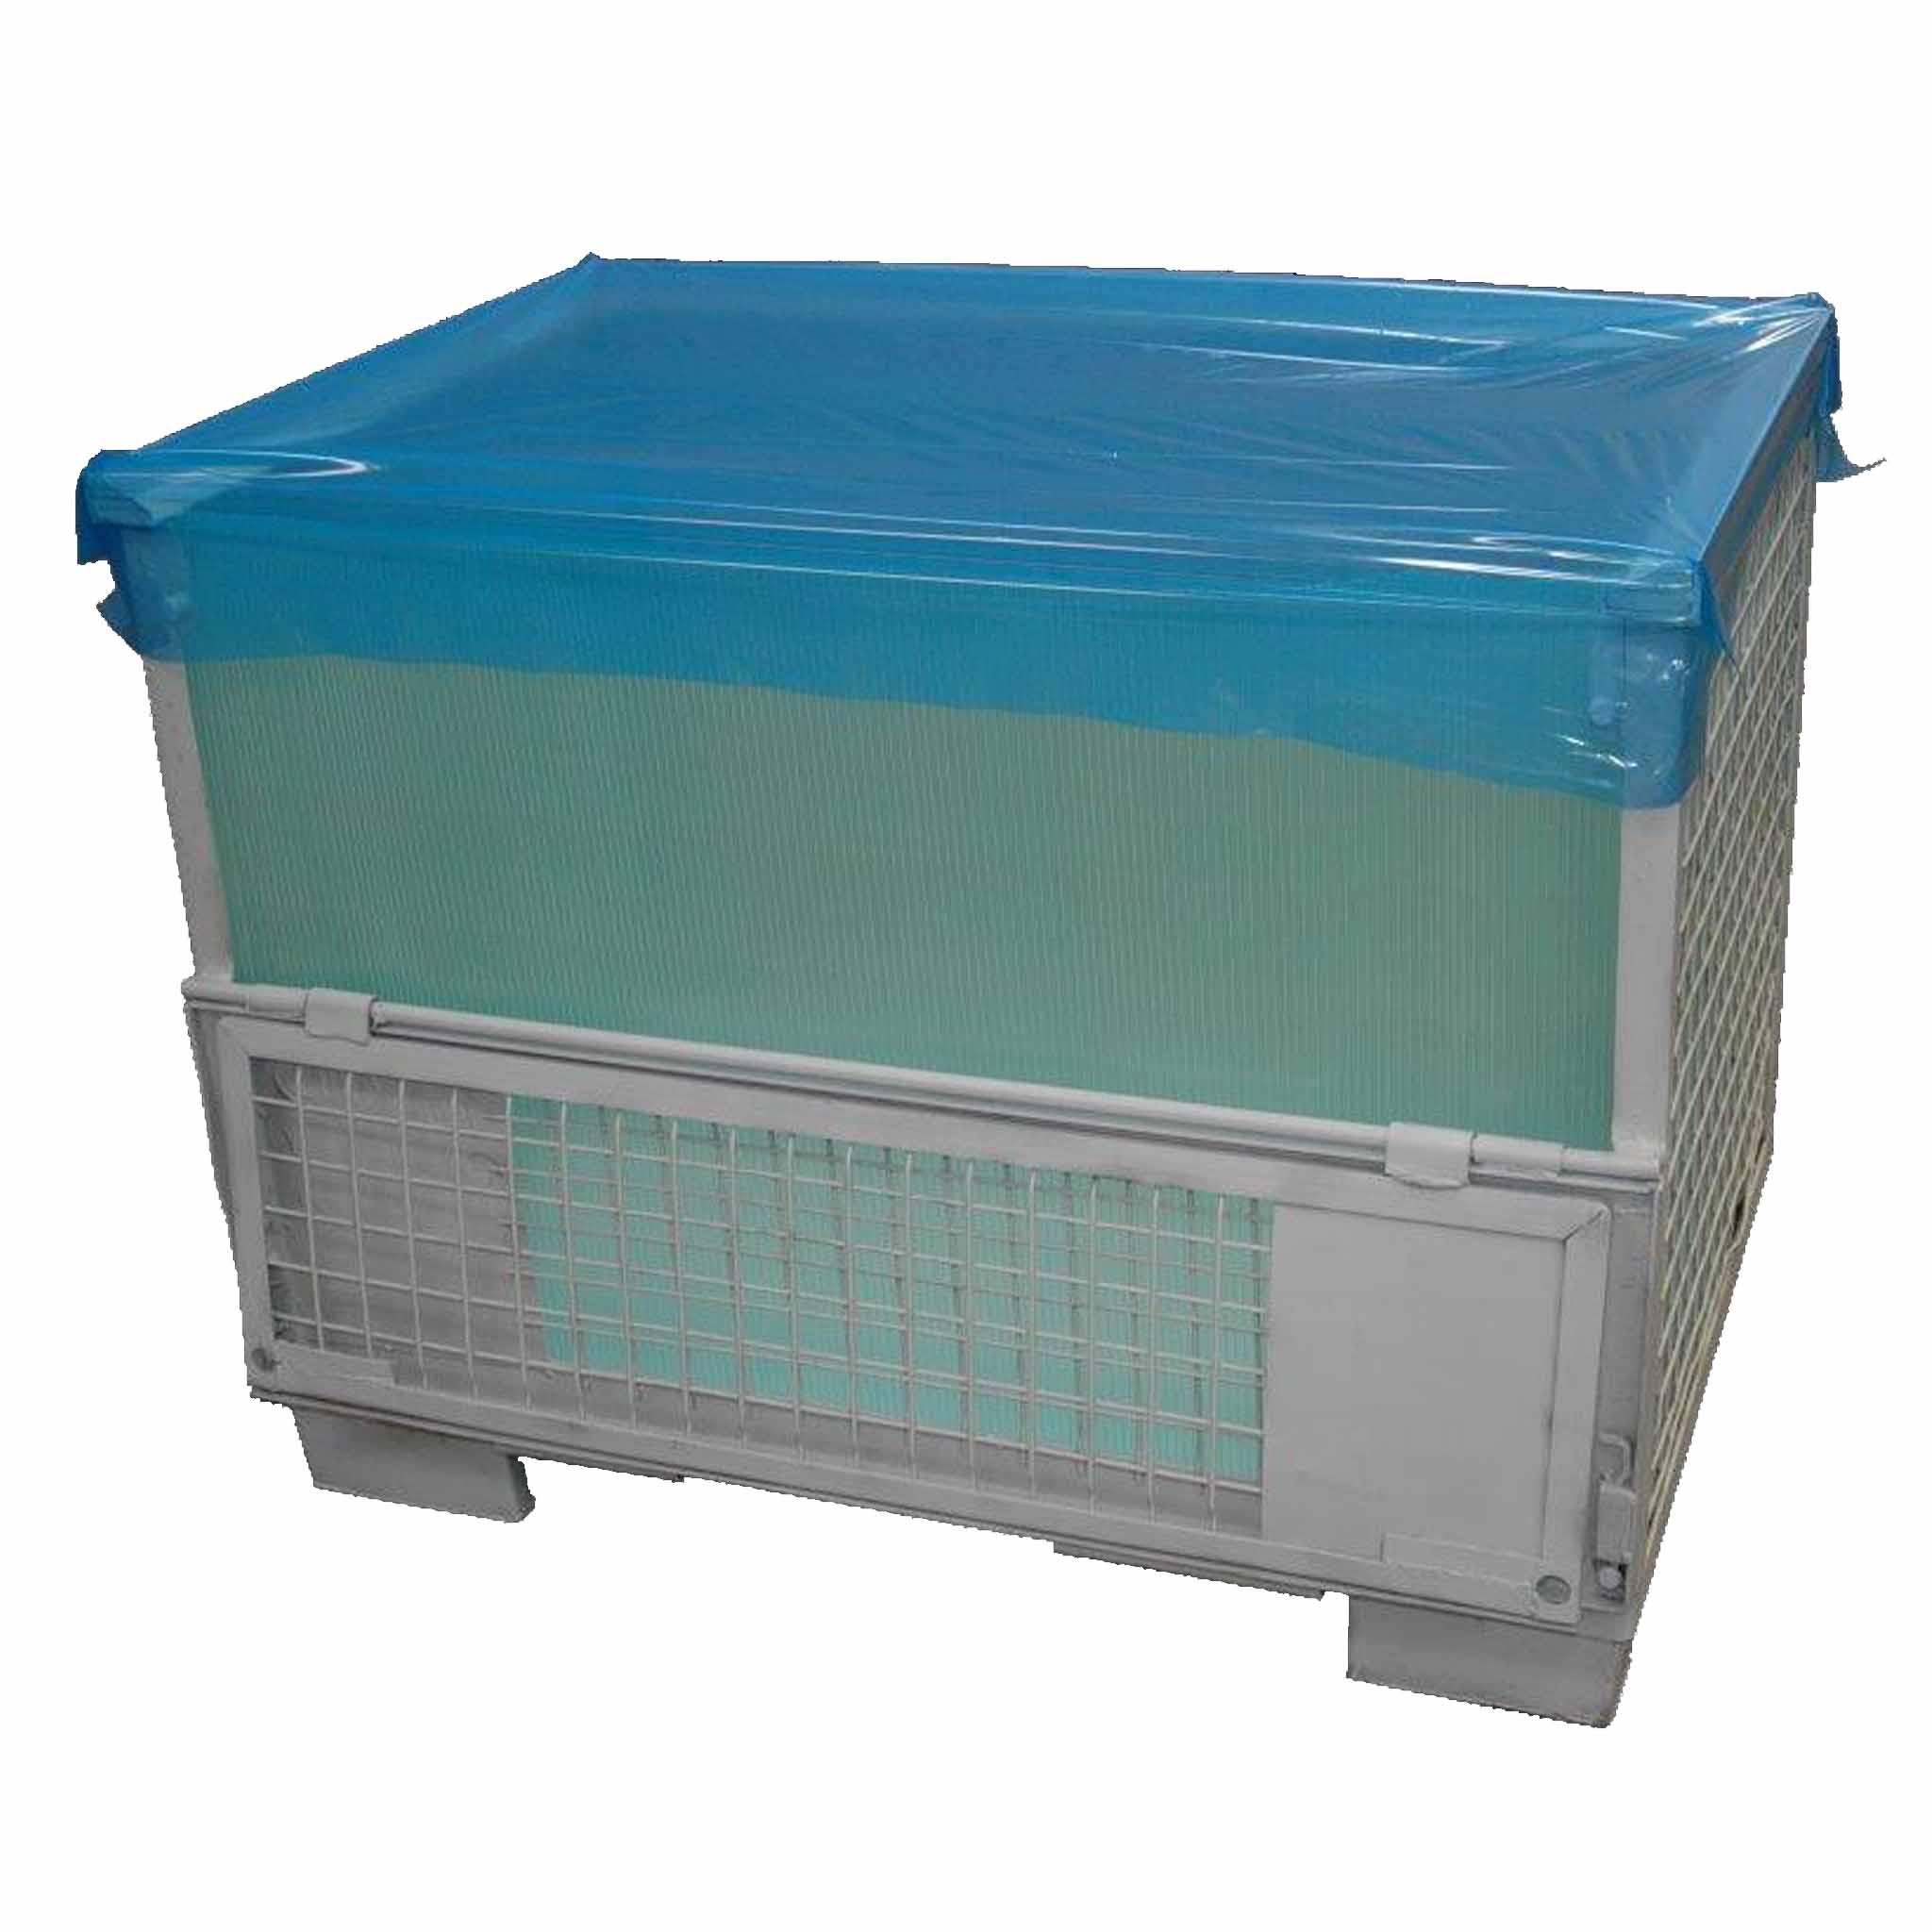 Abdeckung für EPAL-Gitterbox